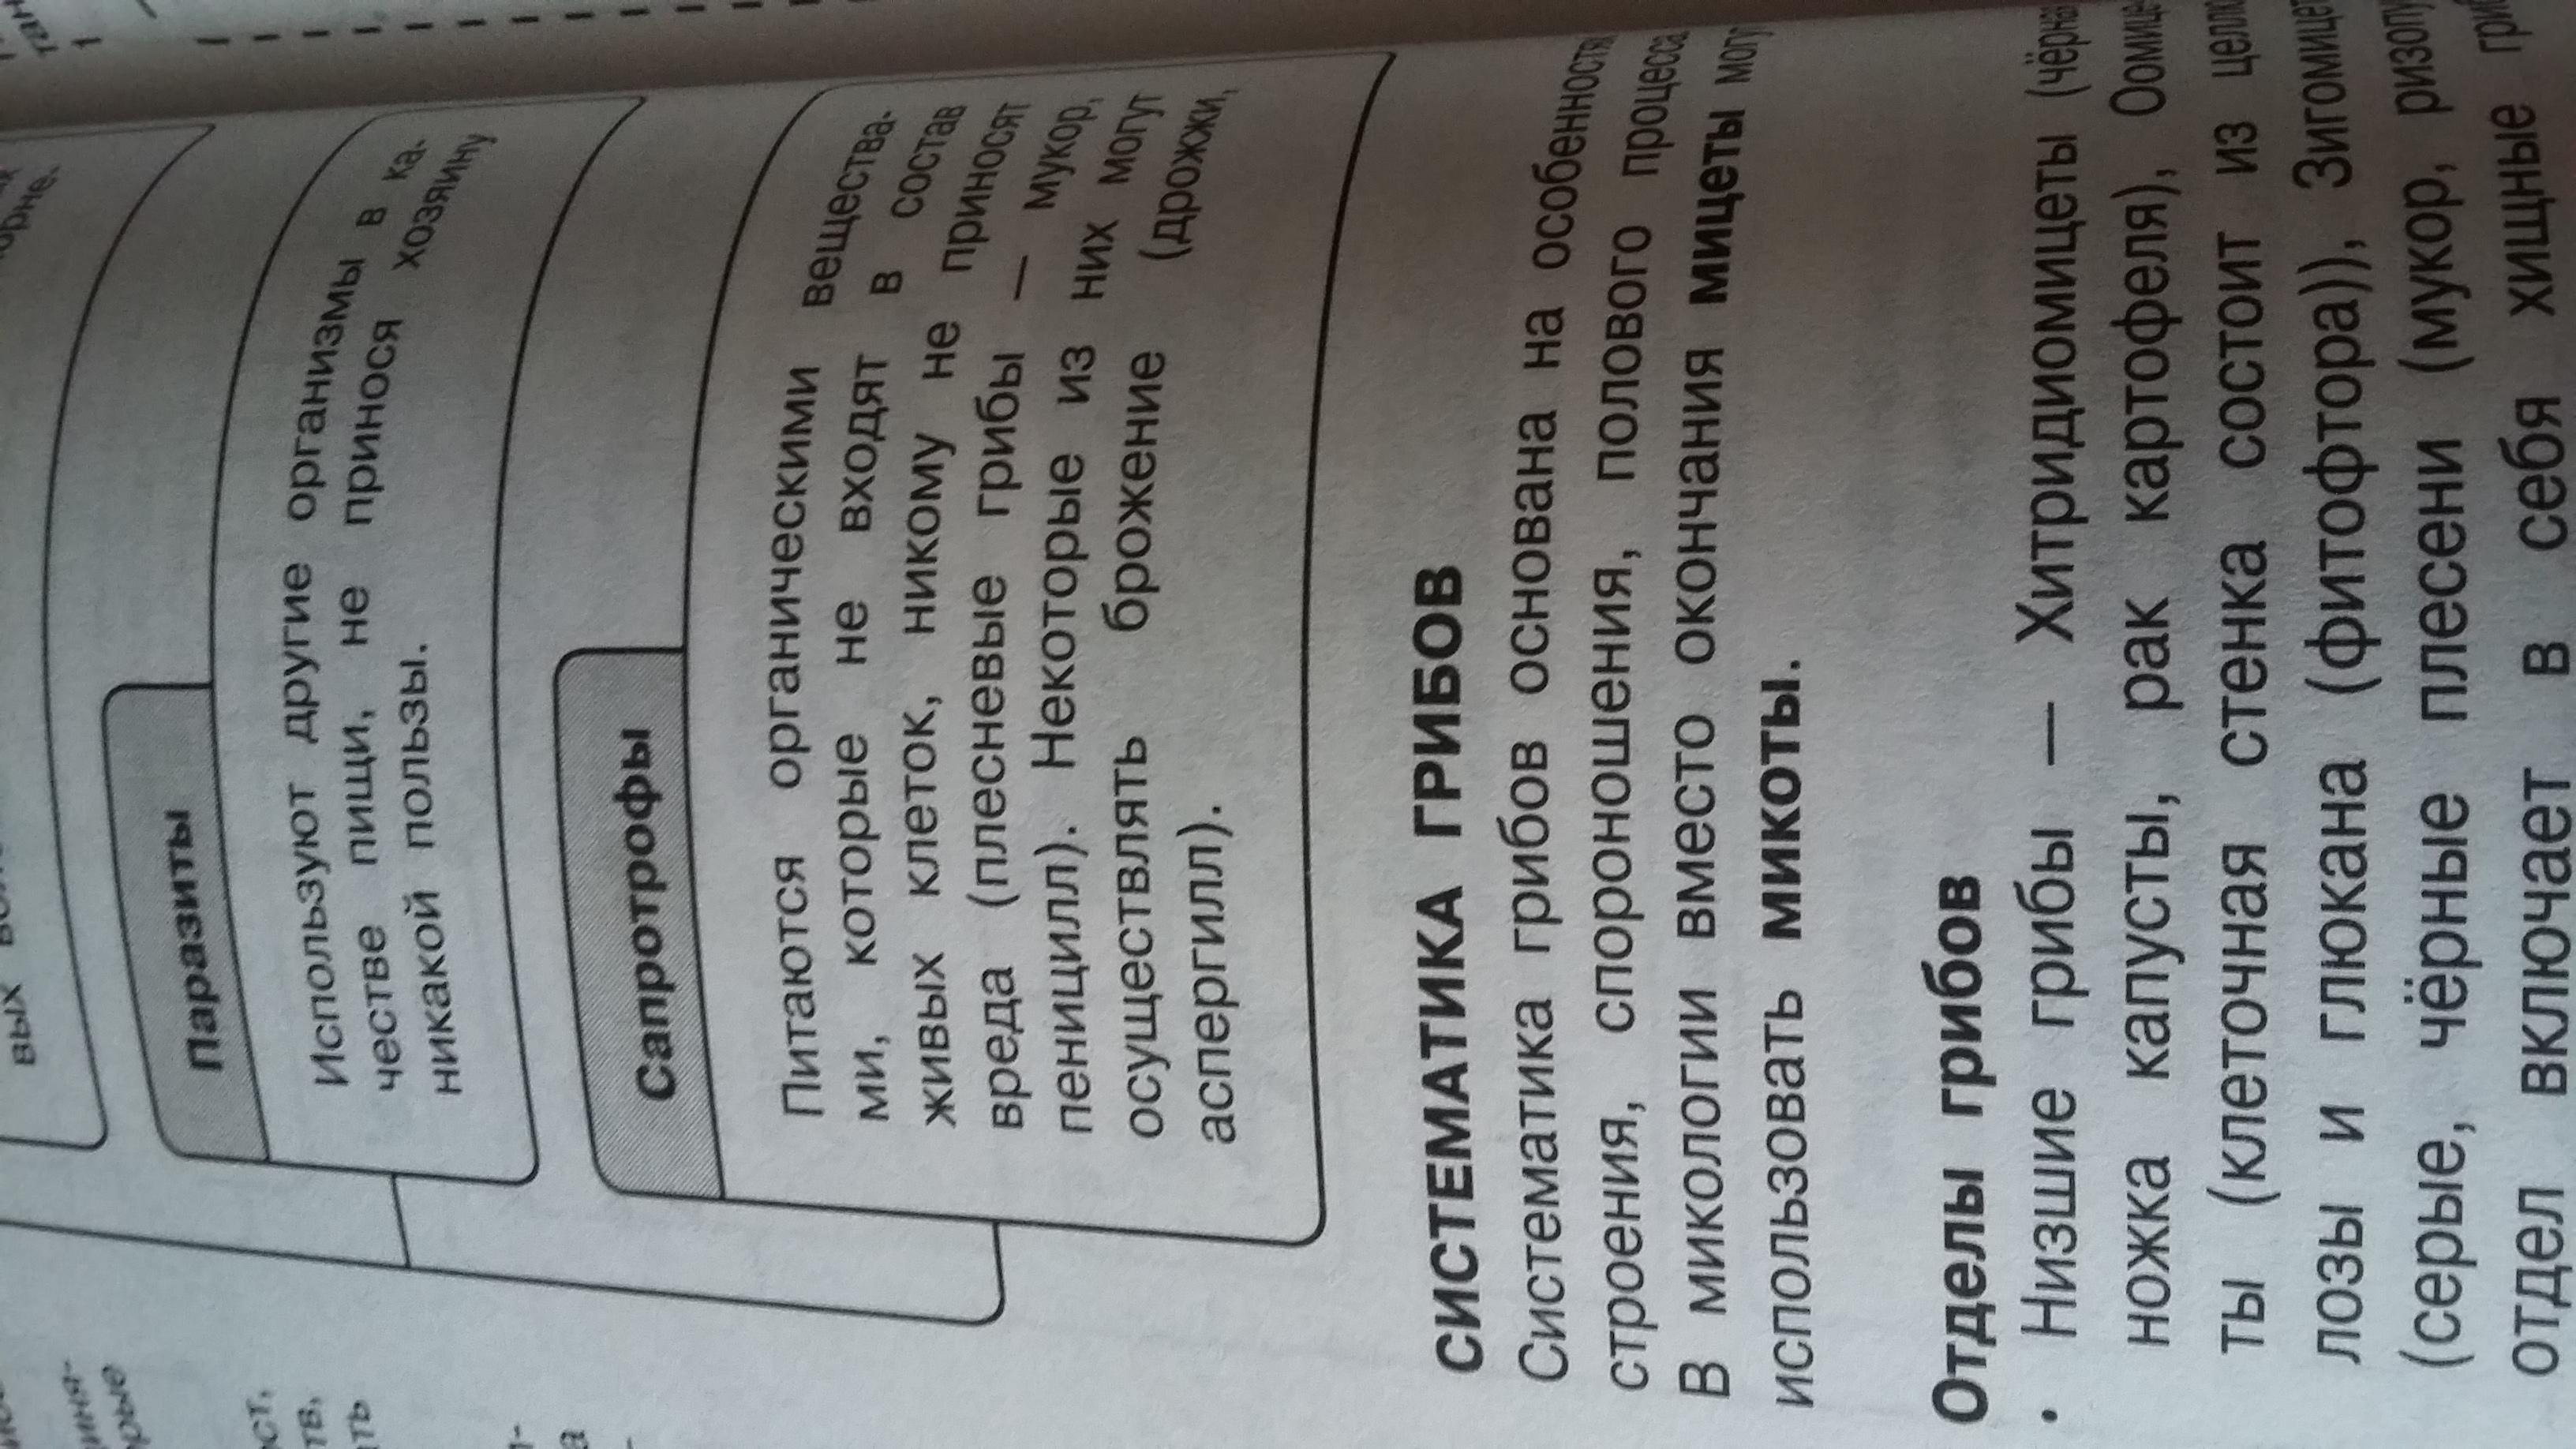 биология реферат для класса на тему грибы Школьные Знания com Комментарии Отметить нарушение